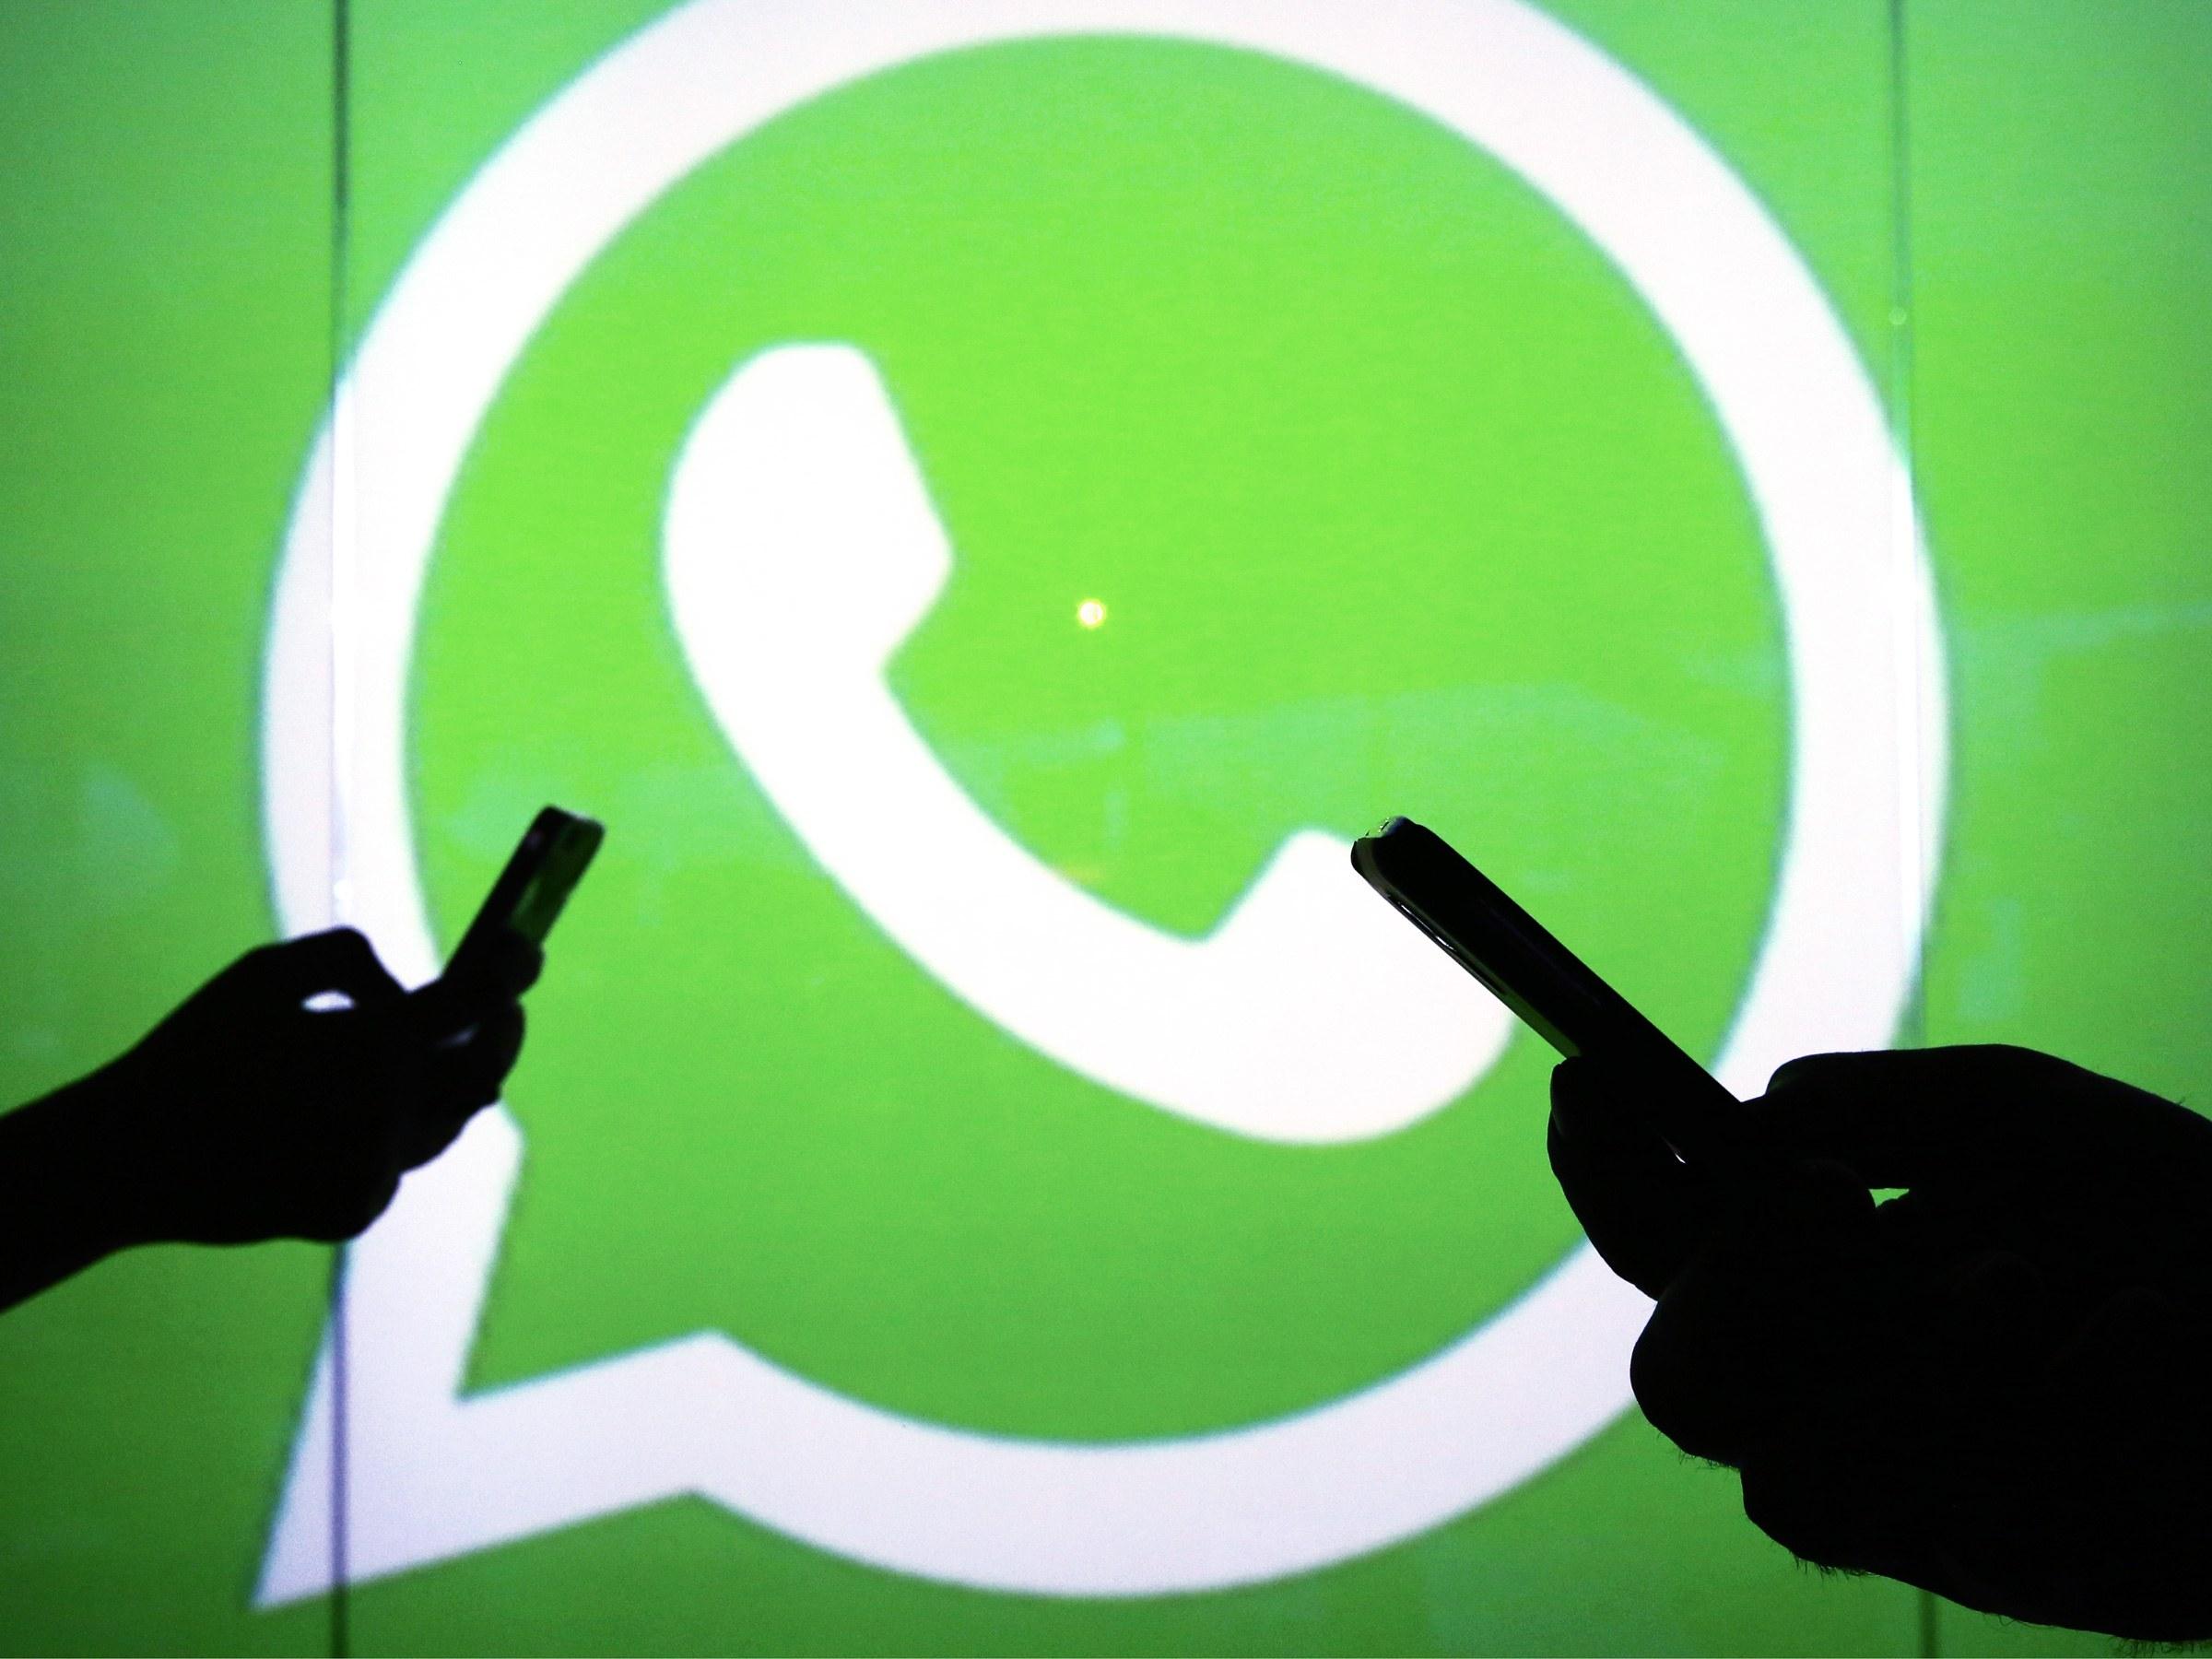 Cómo activar WhatsApp sin esperar 24 horas 4